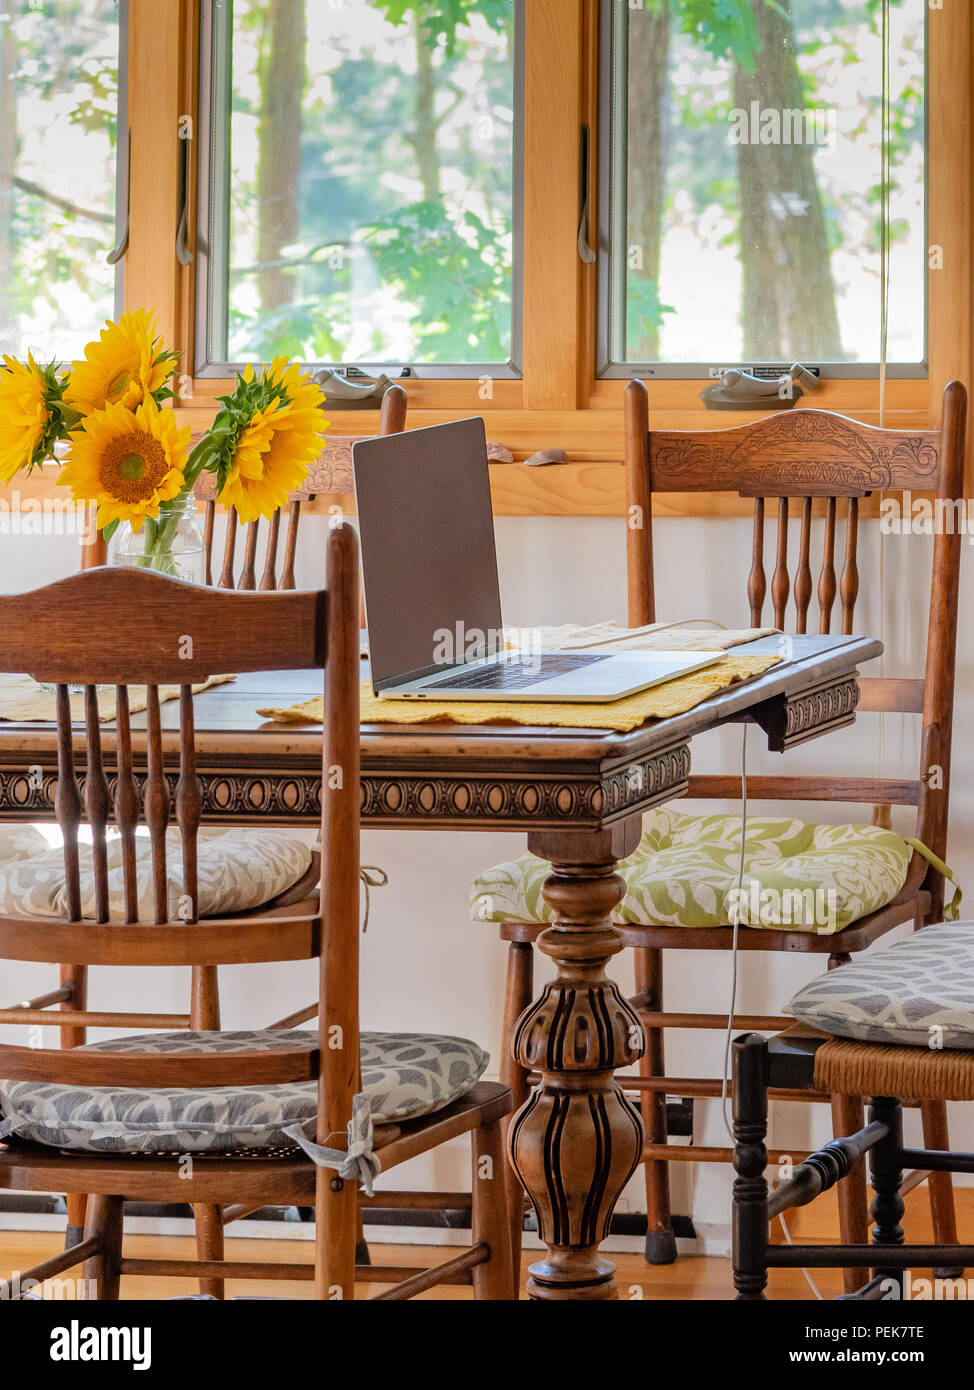 Home Interior Kuchentisch Computern Stuhlen Und Sonnenblumen Mit Fenster Licht Stockfotografie Alamy